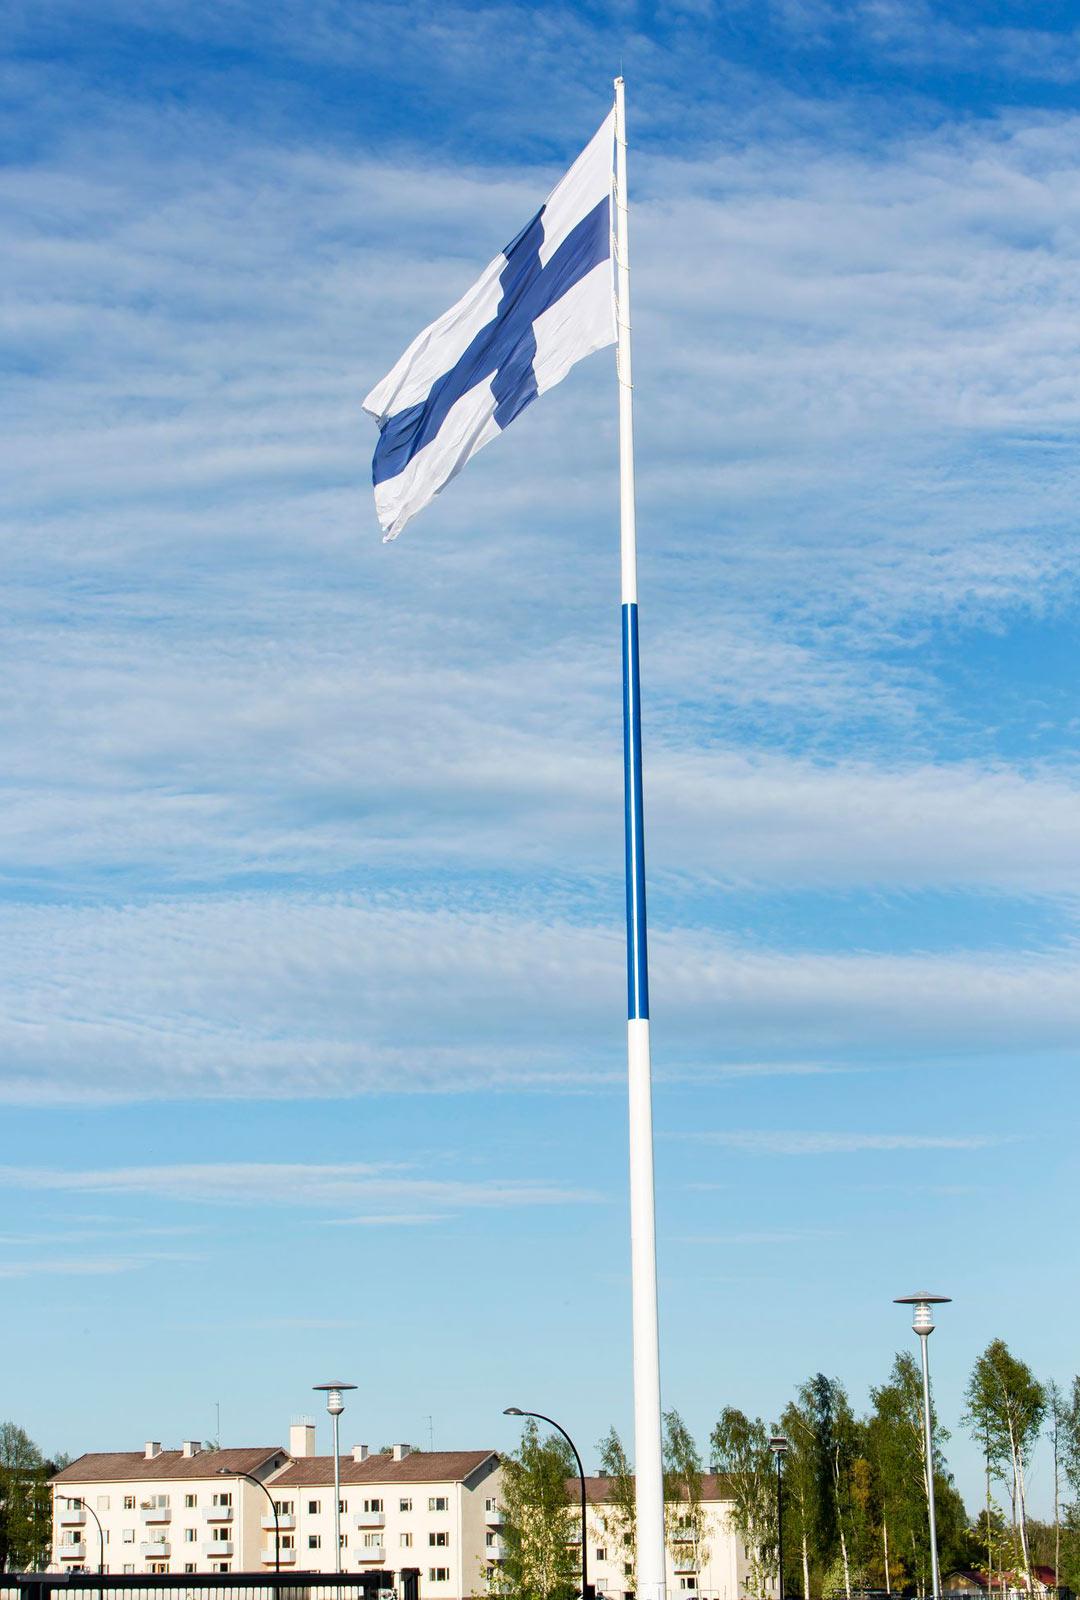 Maailman suurin Suomen lippu liehuu Sibeliuskadun kentällä 100 metriä korkeassa salossa. Sen liehumista voi seurata kaupungin verkkosivuilla.